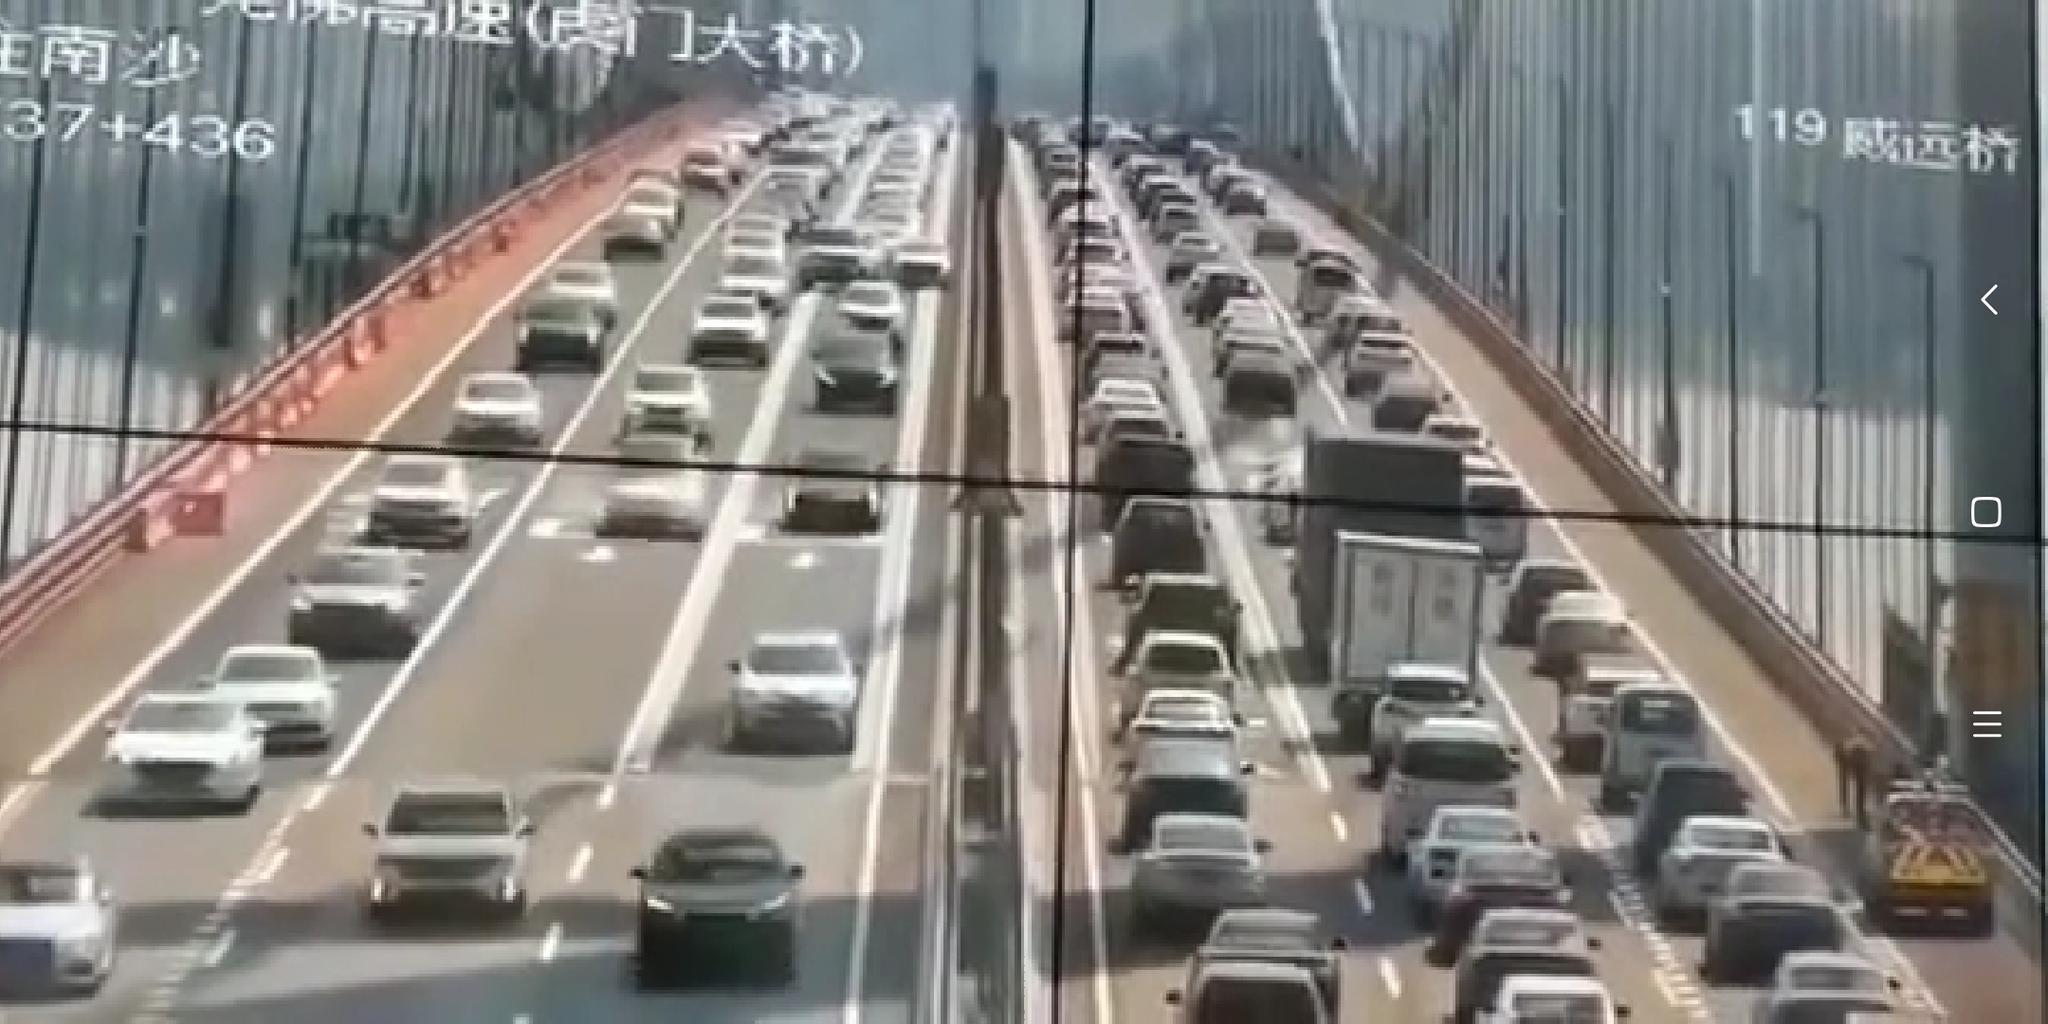 5月5日,虎门大桥发生上下波动,途径车辆车主有明显感觉。 视频截图